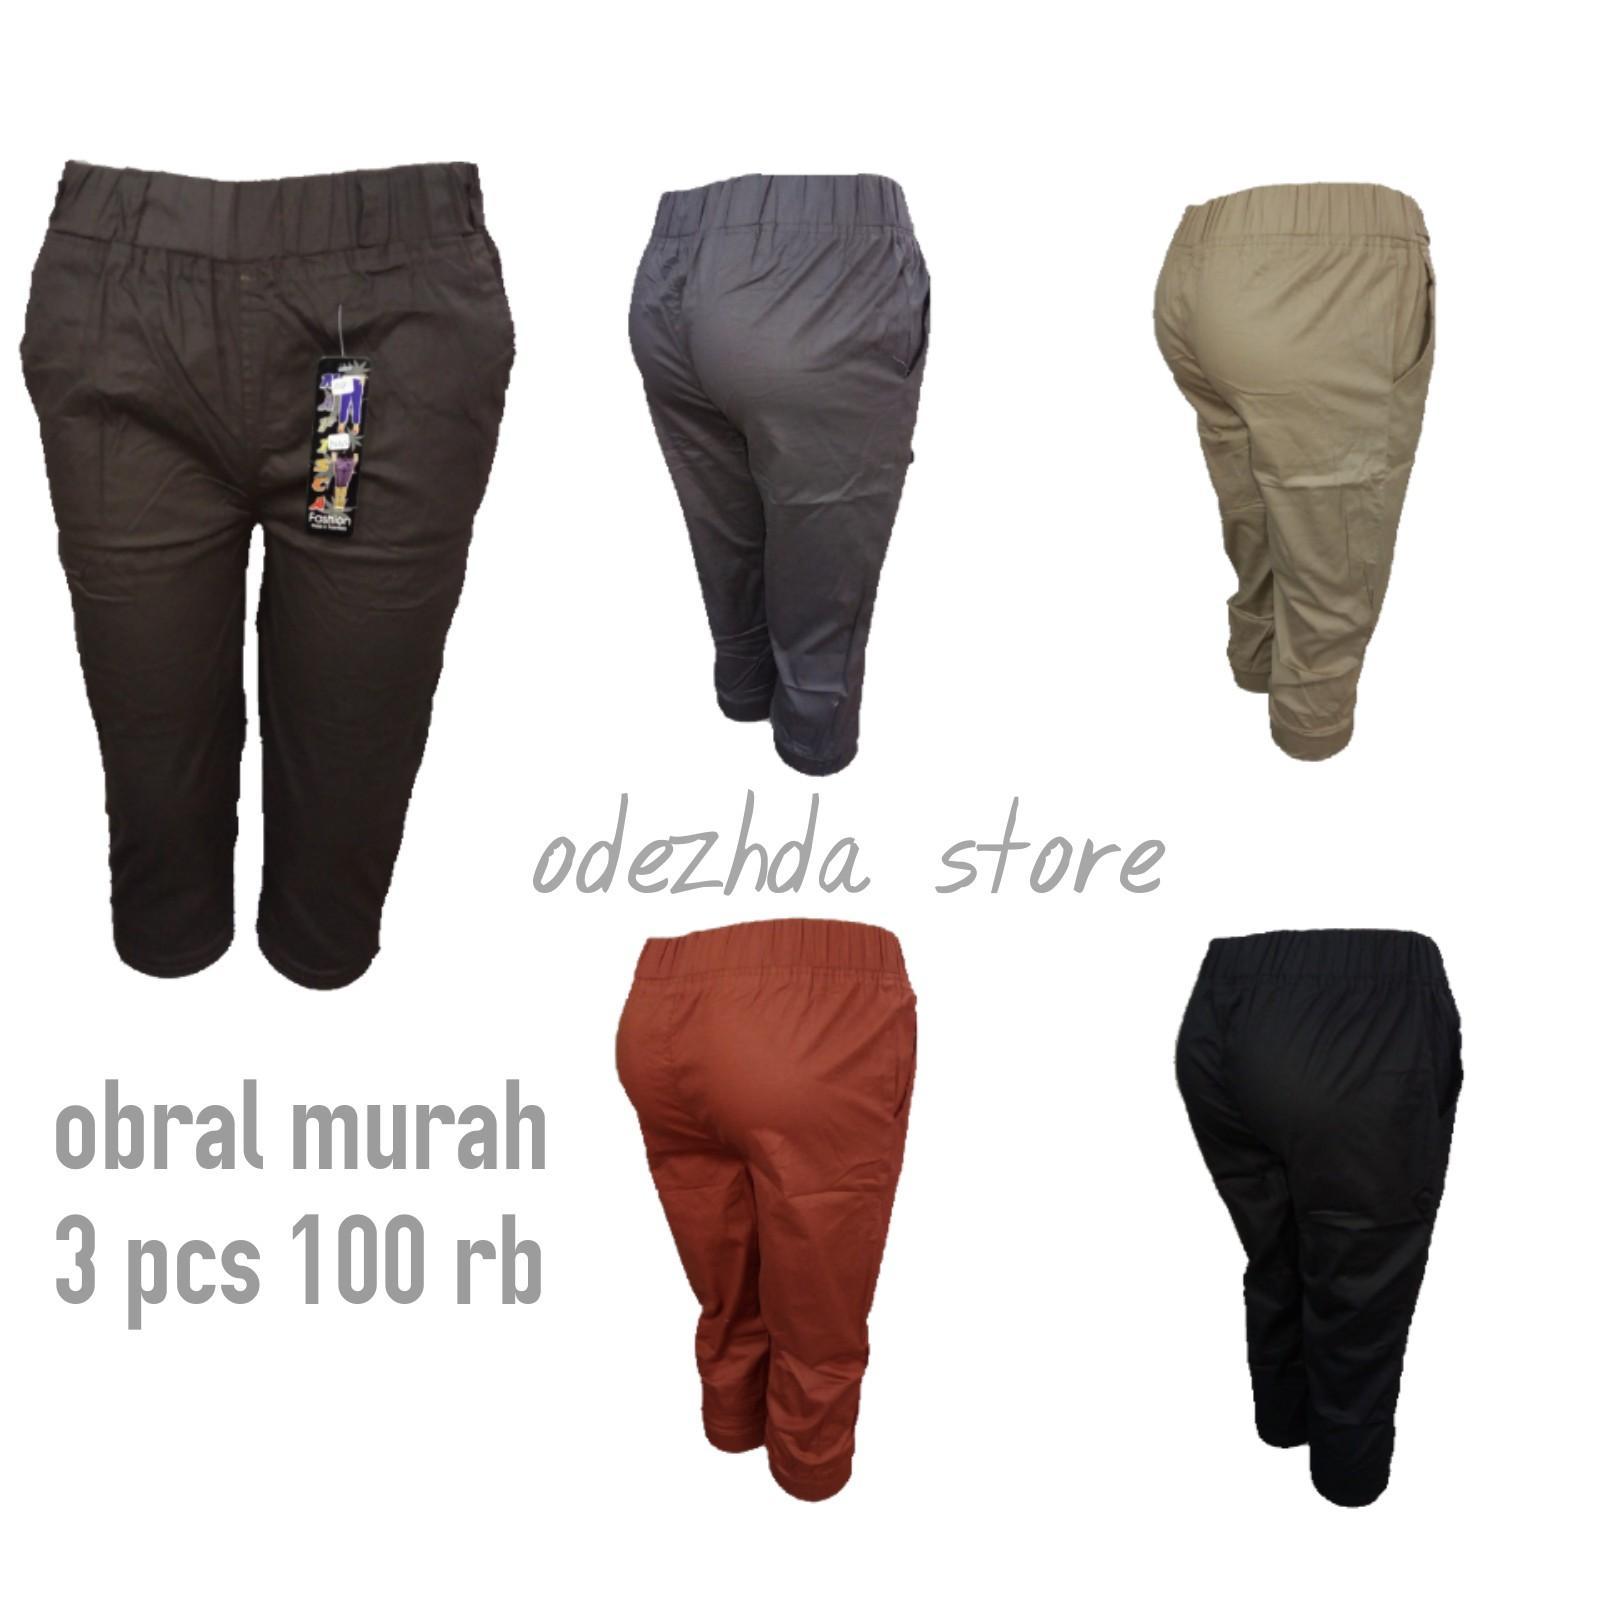 bagindo collection obral murah 3 pcs 100 rb celana joger katun pendek wanita bagus dan murah